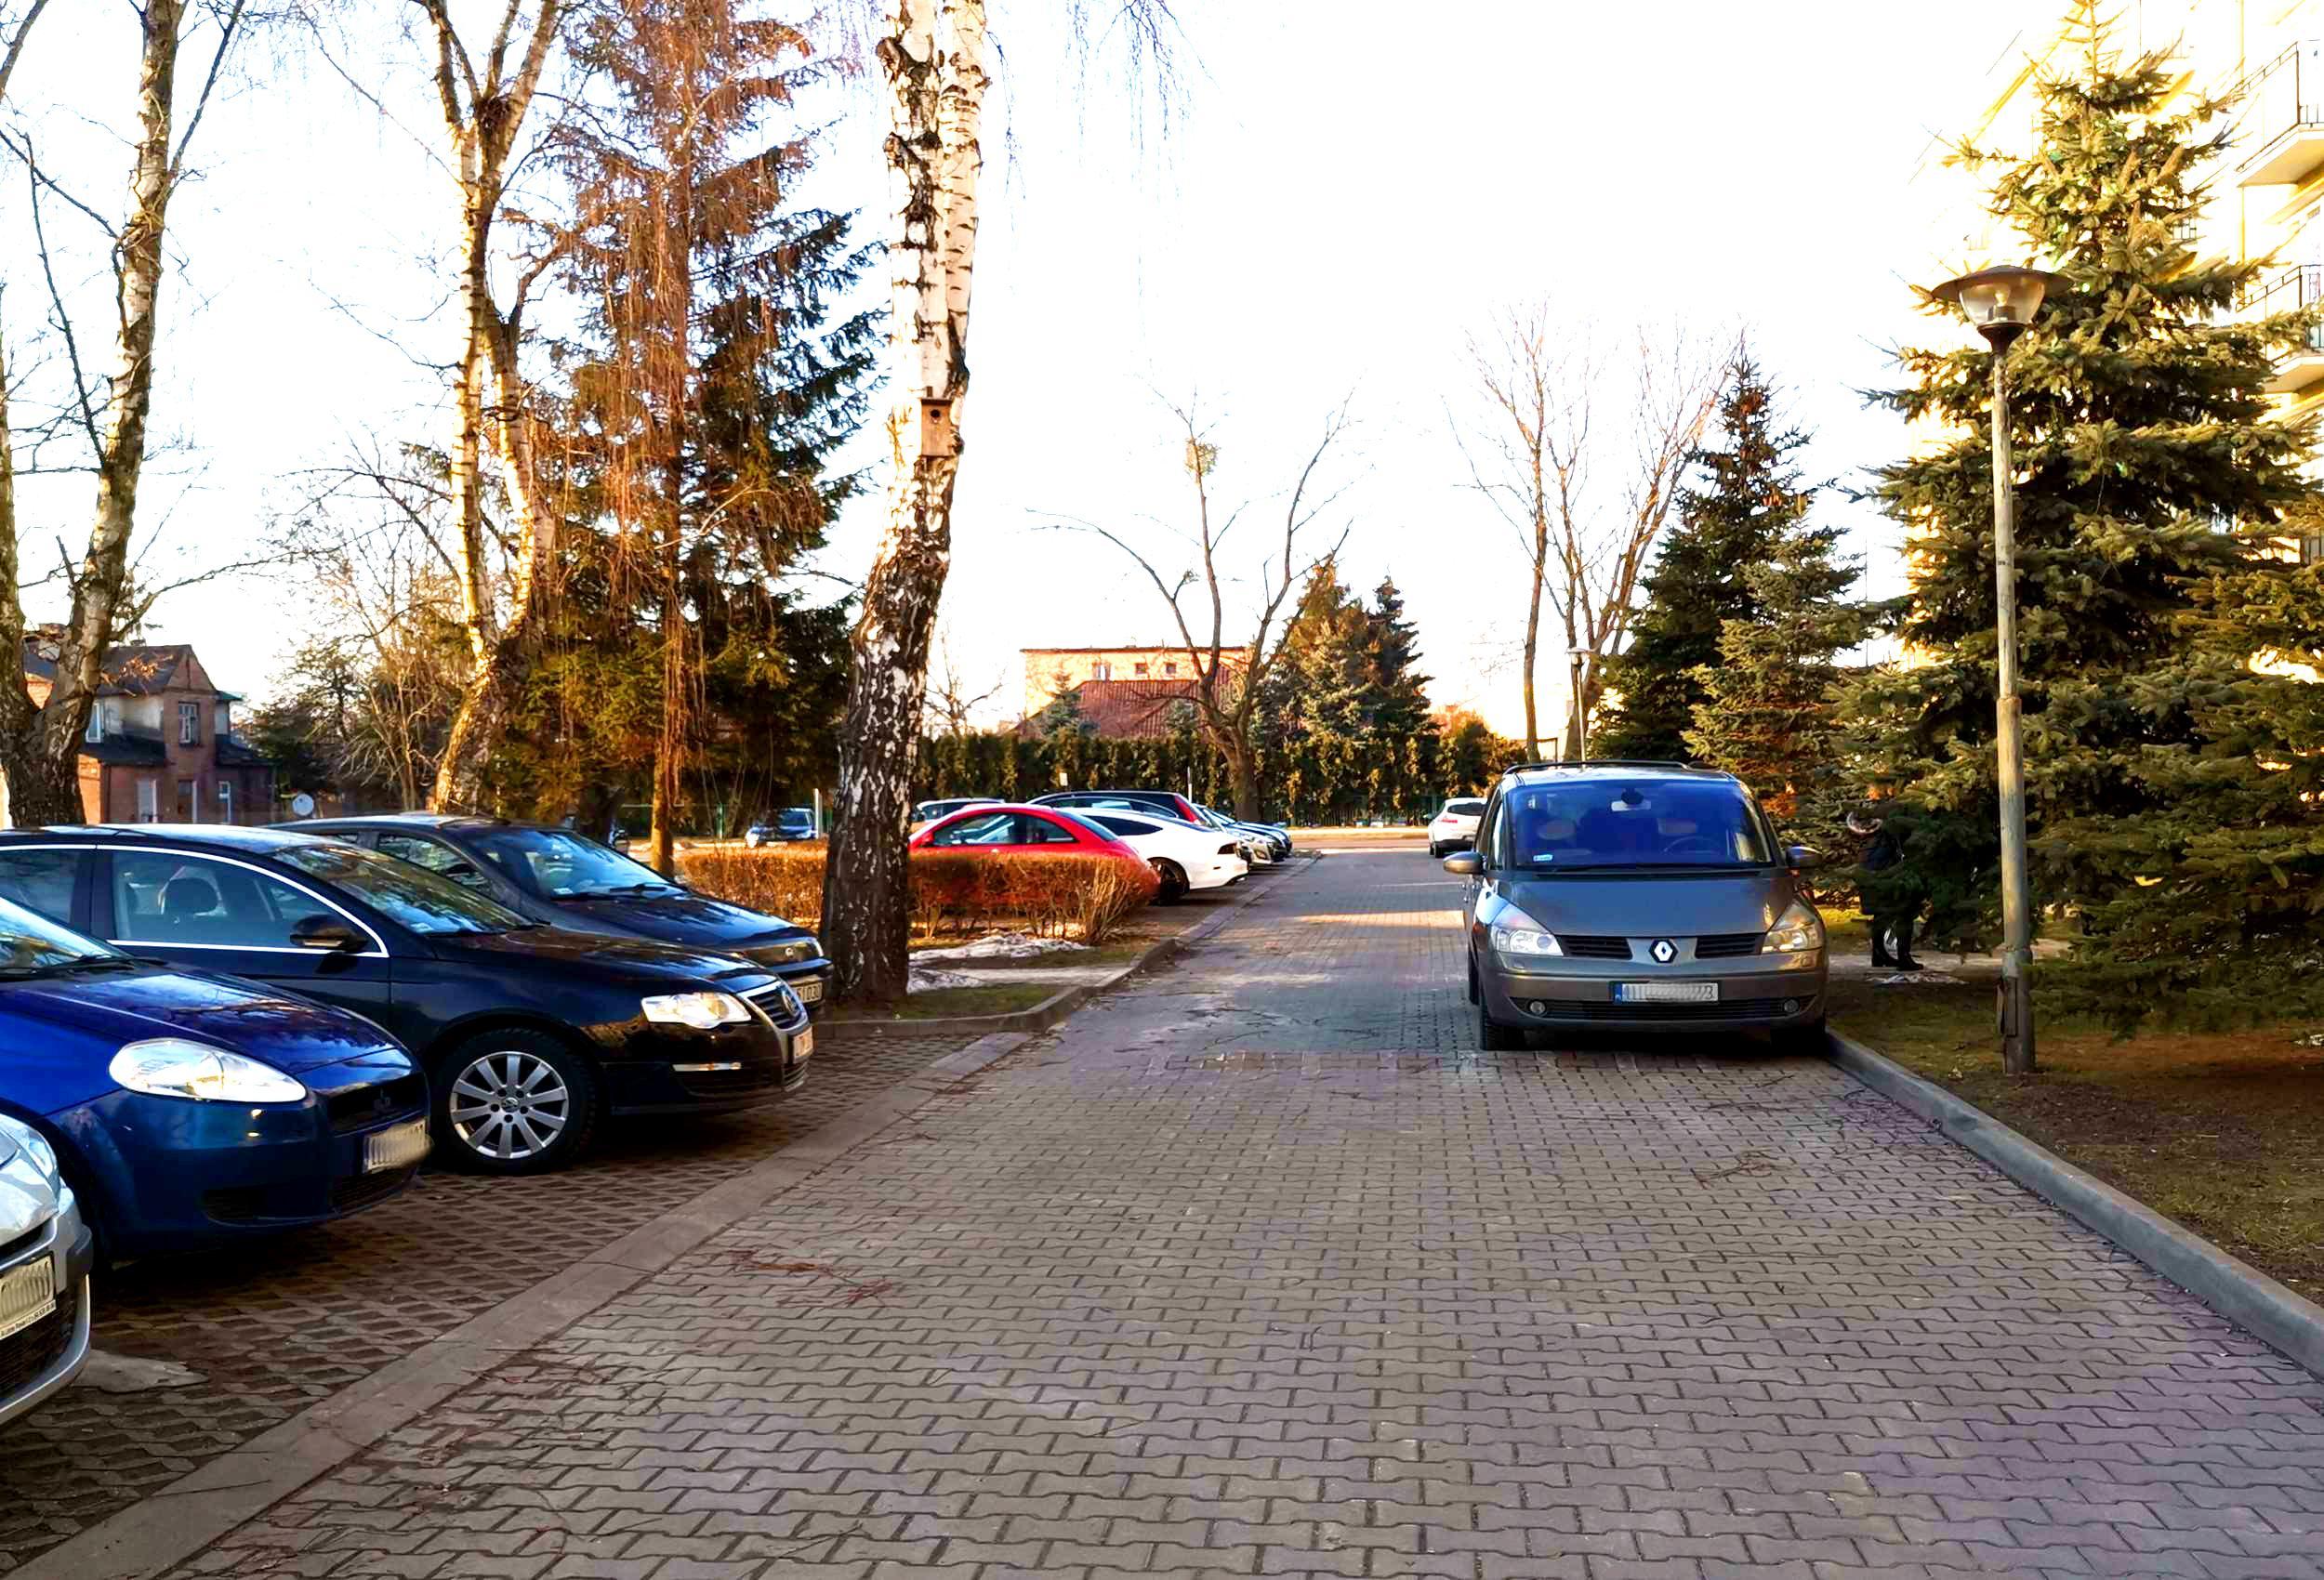 mieszkanie na sprzedaz zamosc orzeszkowej - mieszkanie na sprzedaż - Krzysztof Górski Nieruchomości Zamość